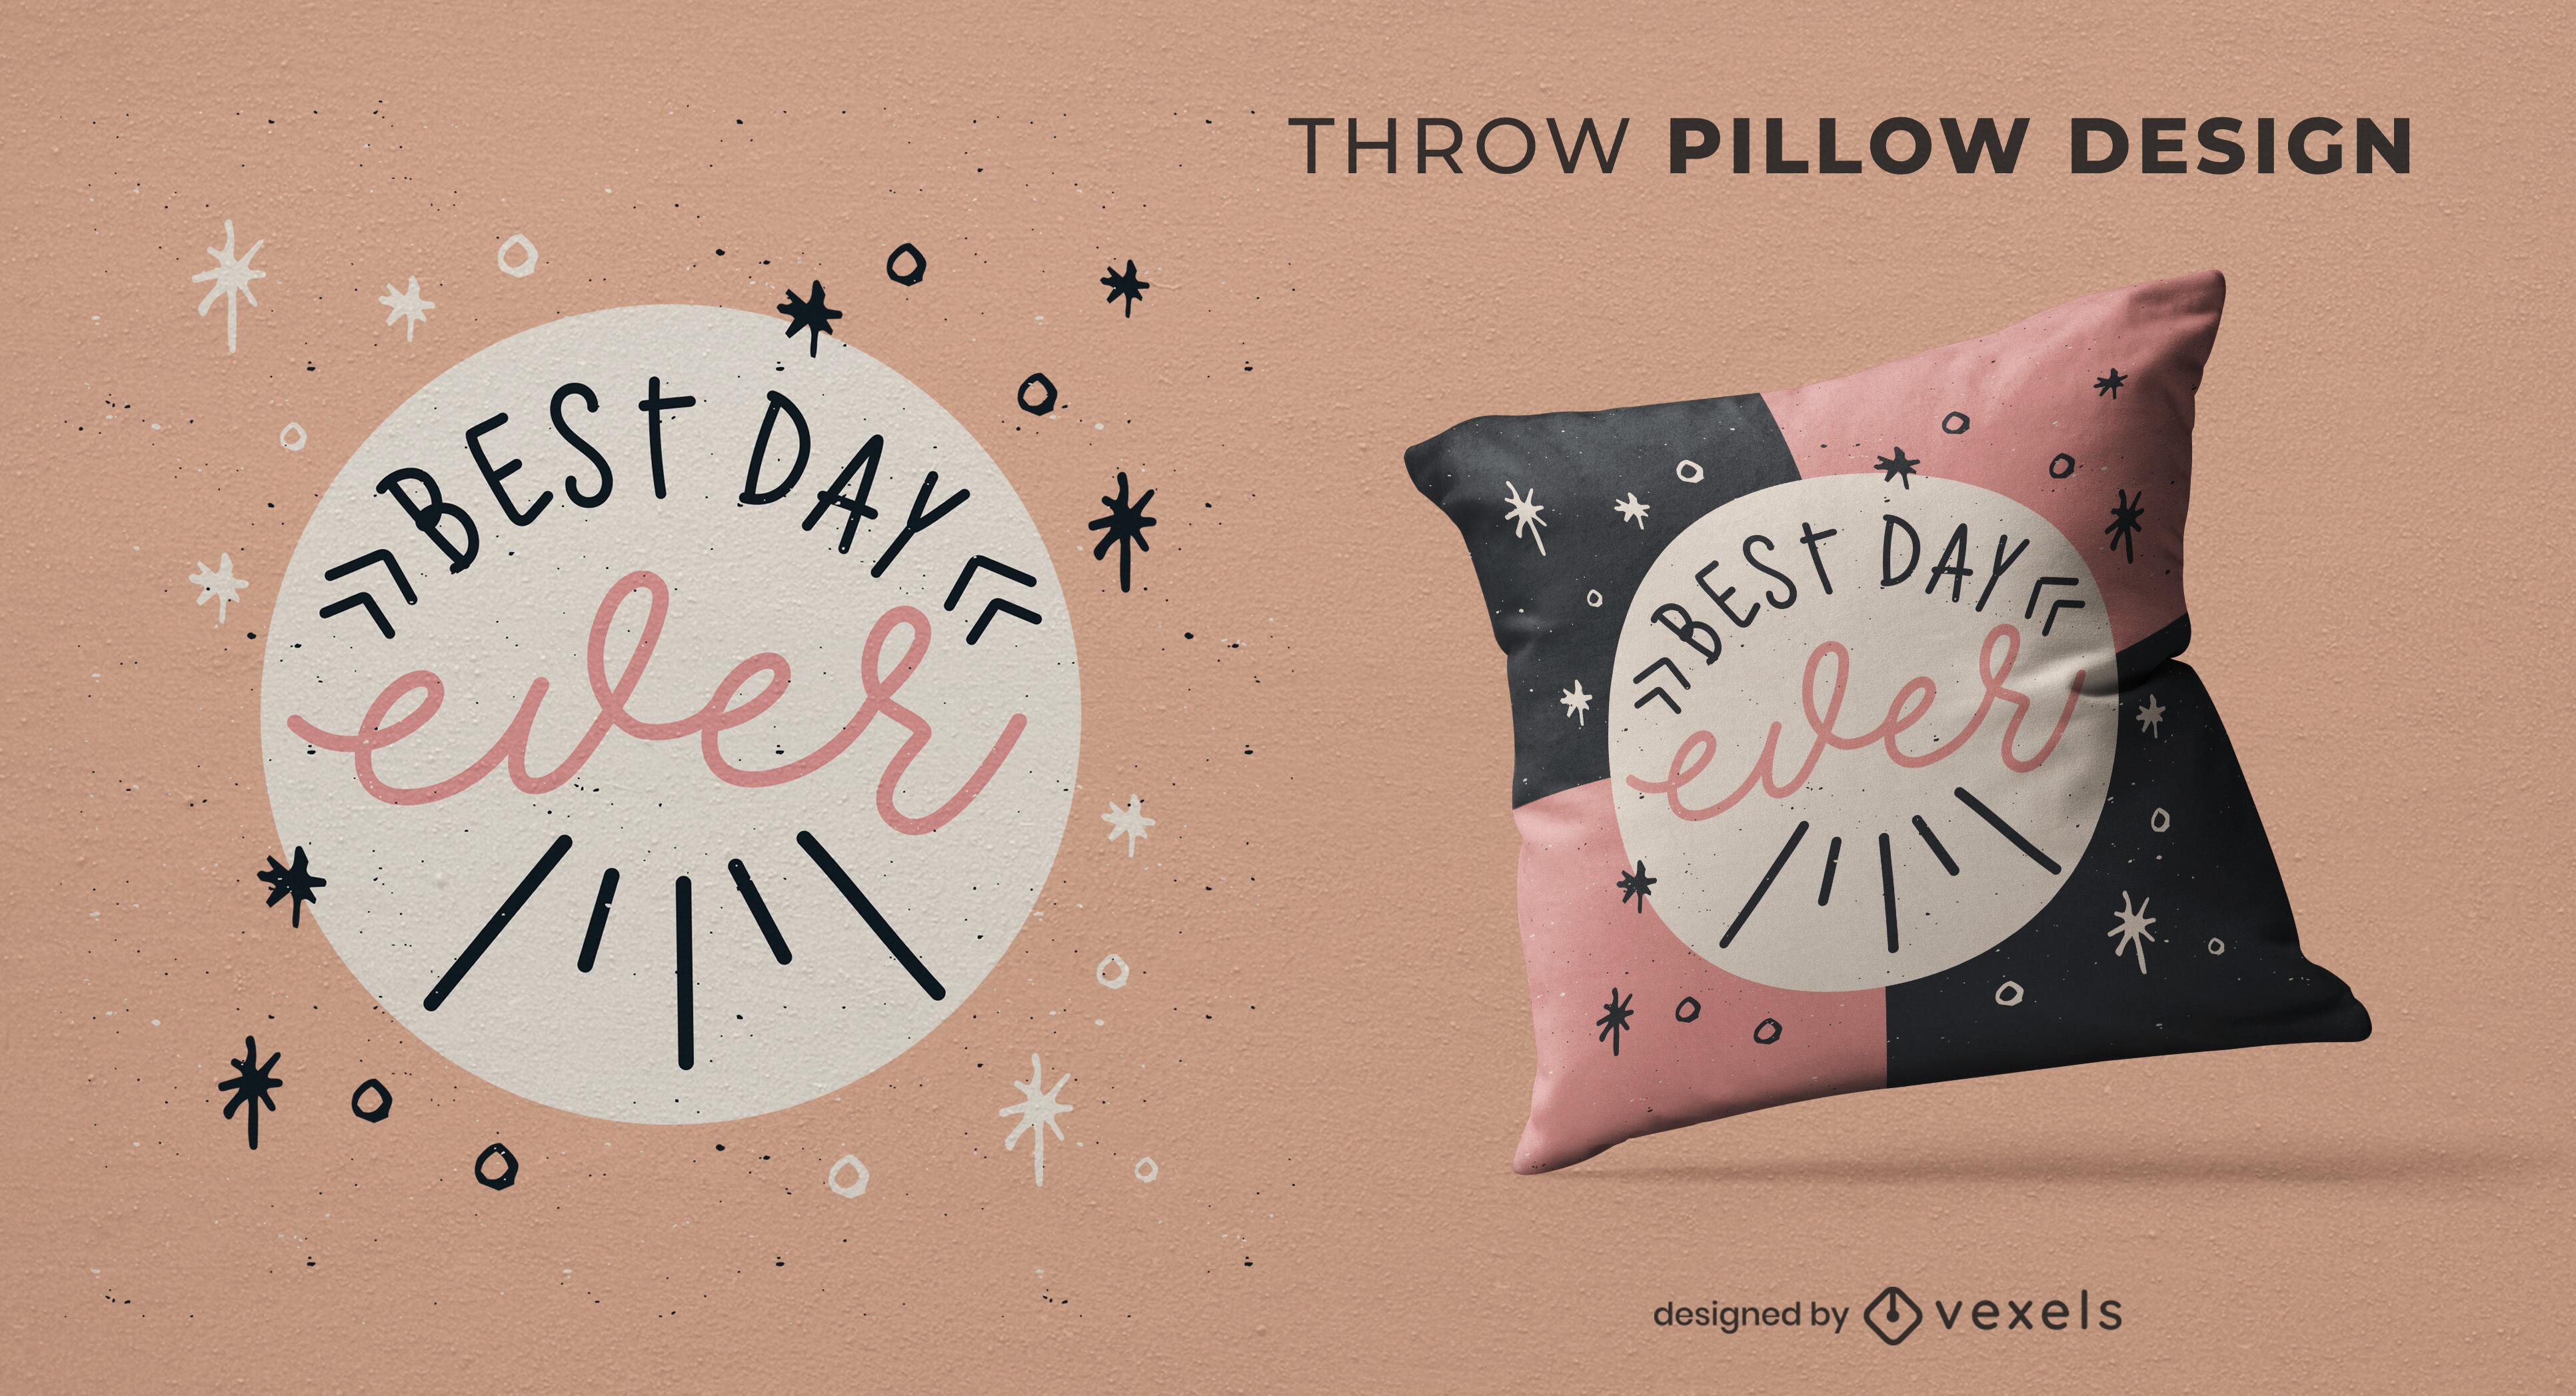 Diseño de almohada de tiro con el mejor día de todos los tiempos